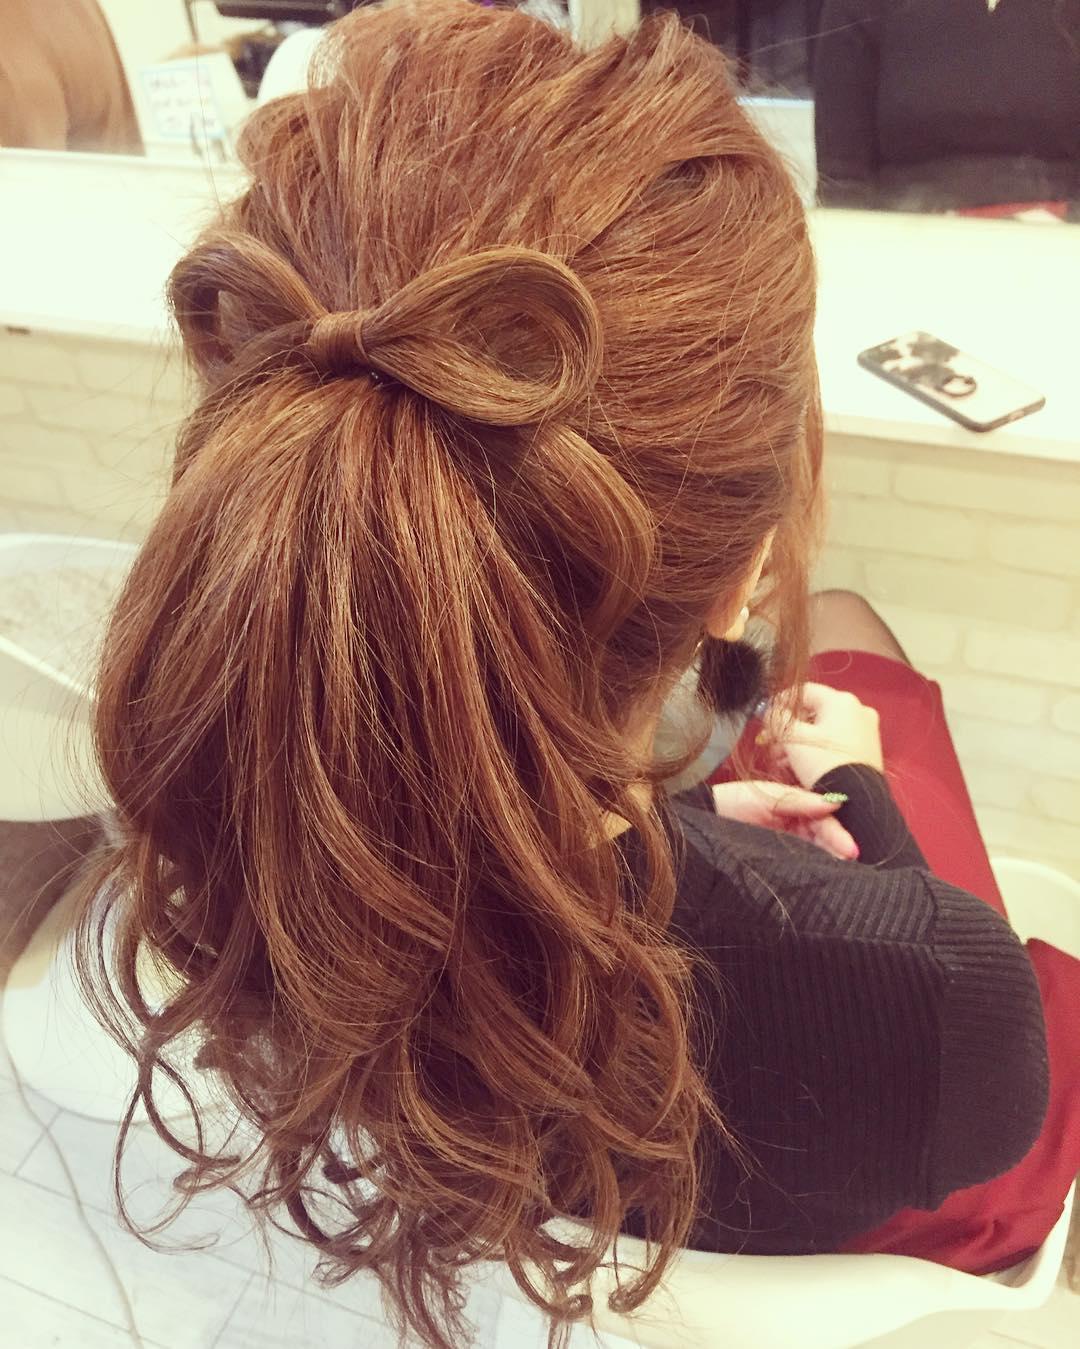 ヘアアクセ要らず!自分の髪で作る特別なスタイル☆1